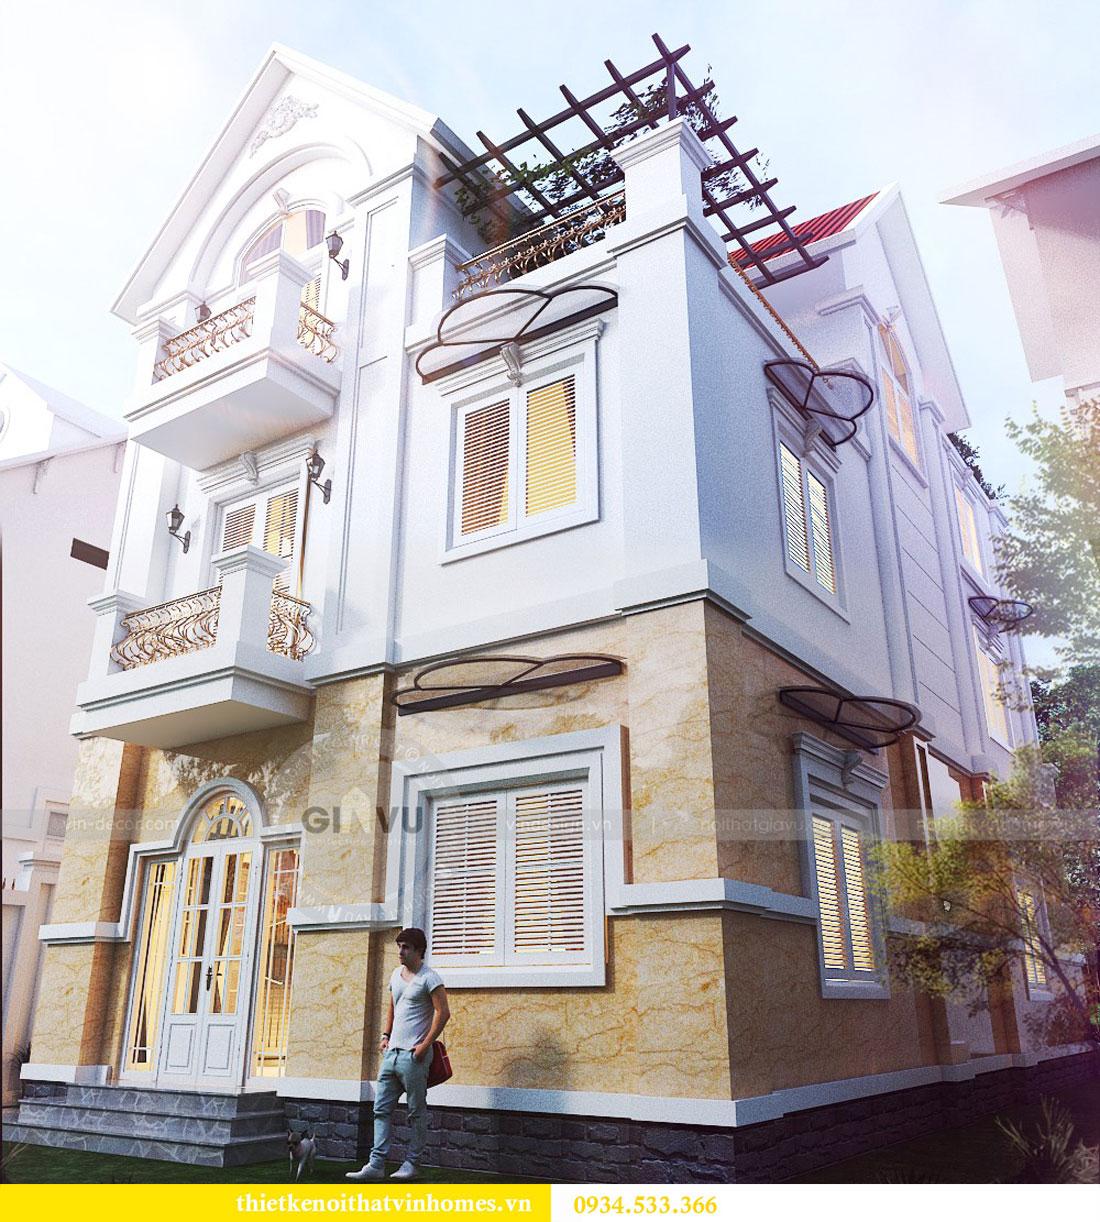 Thiết kế nội thất biệt thự Vinhomes Harmony 3